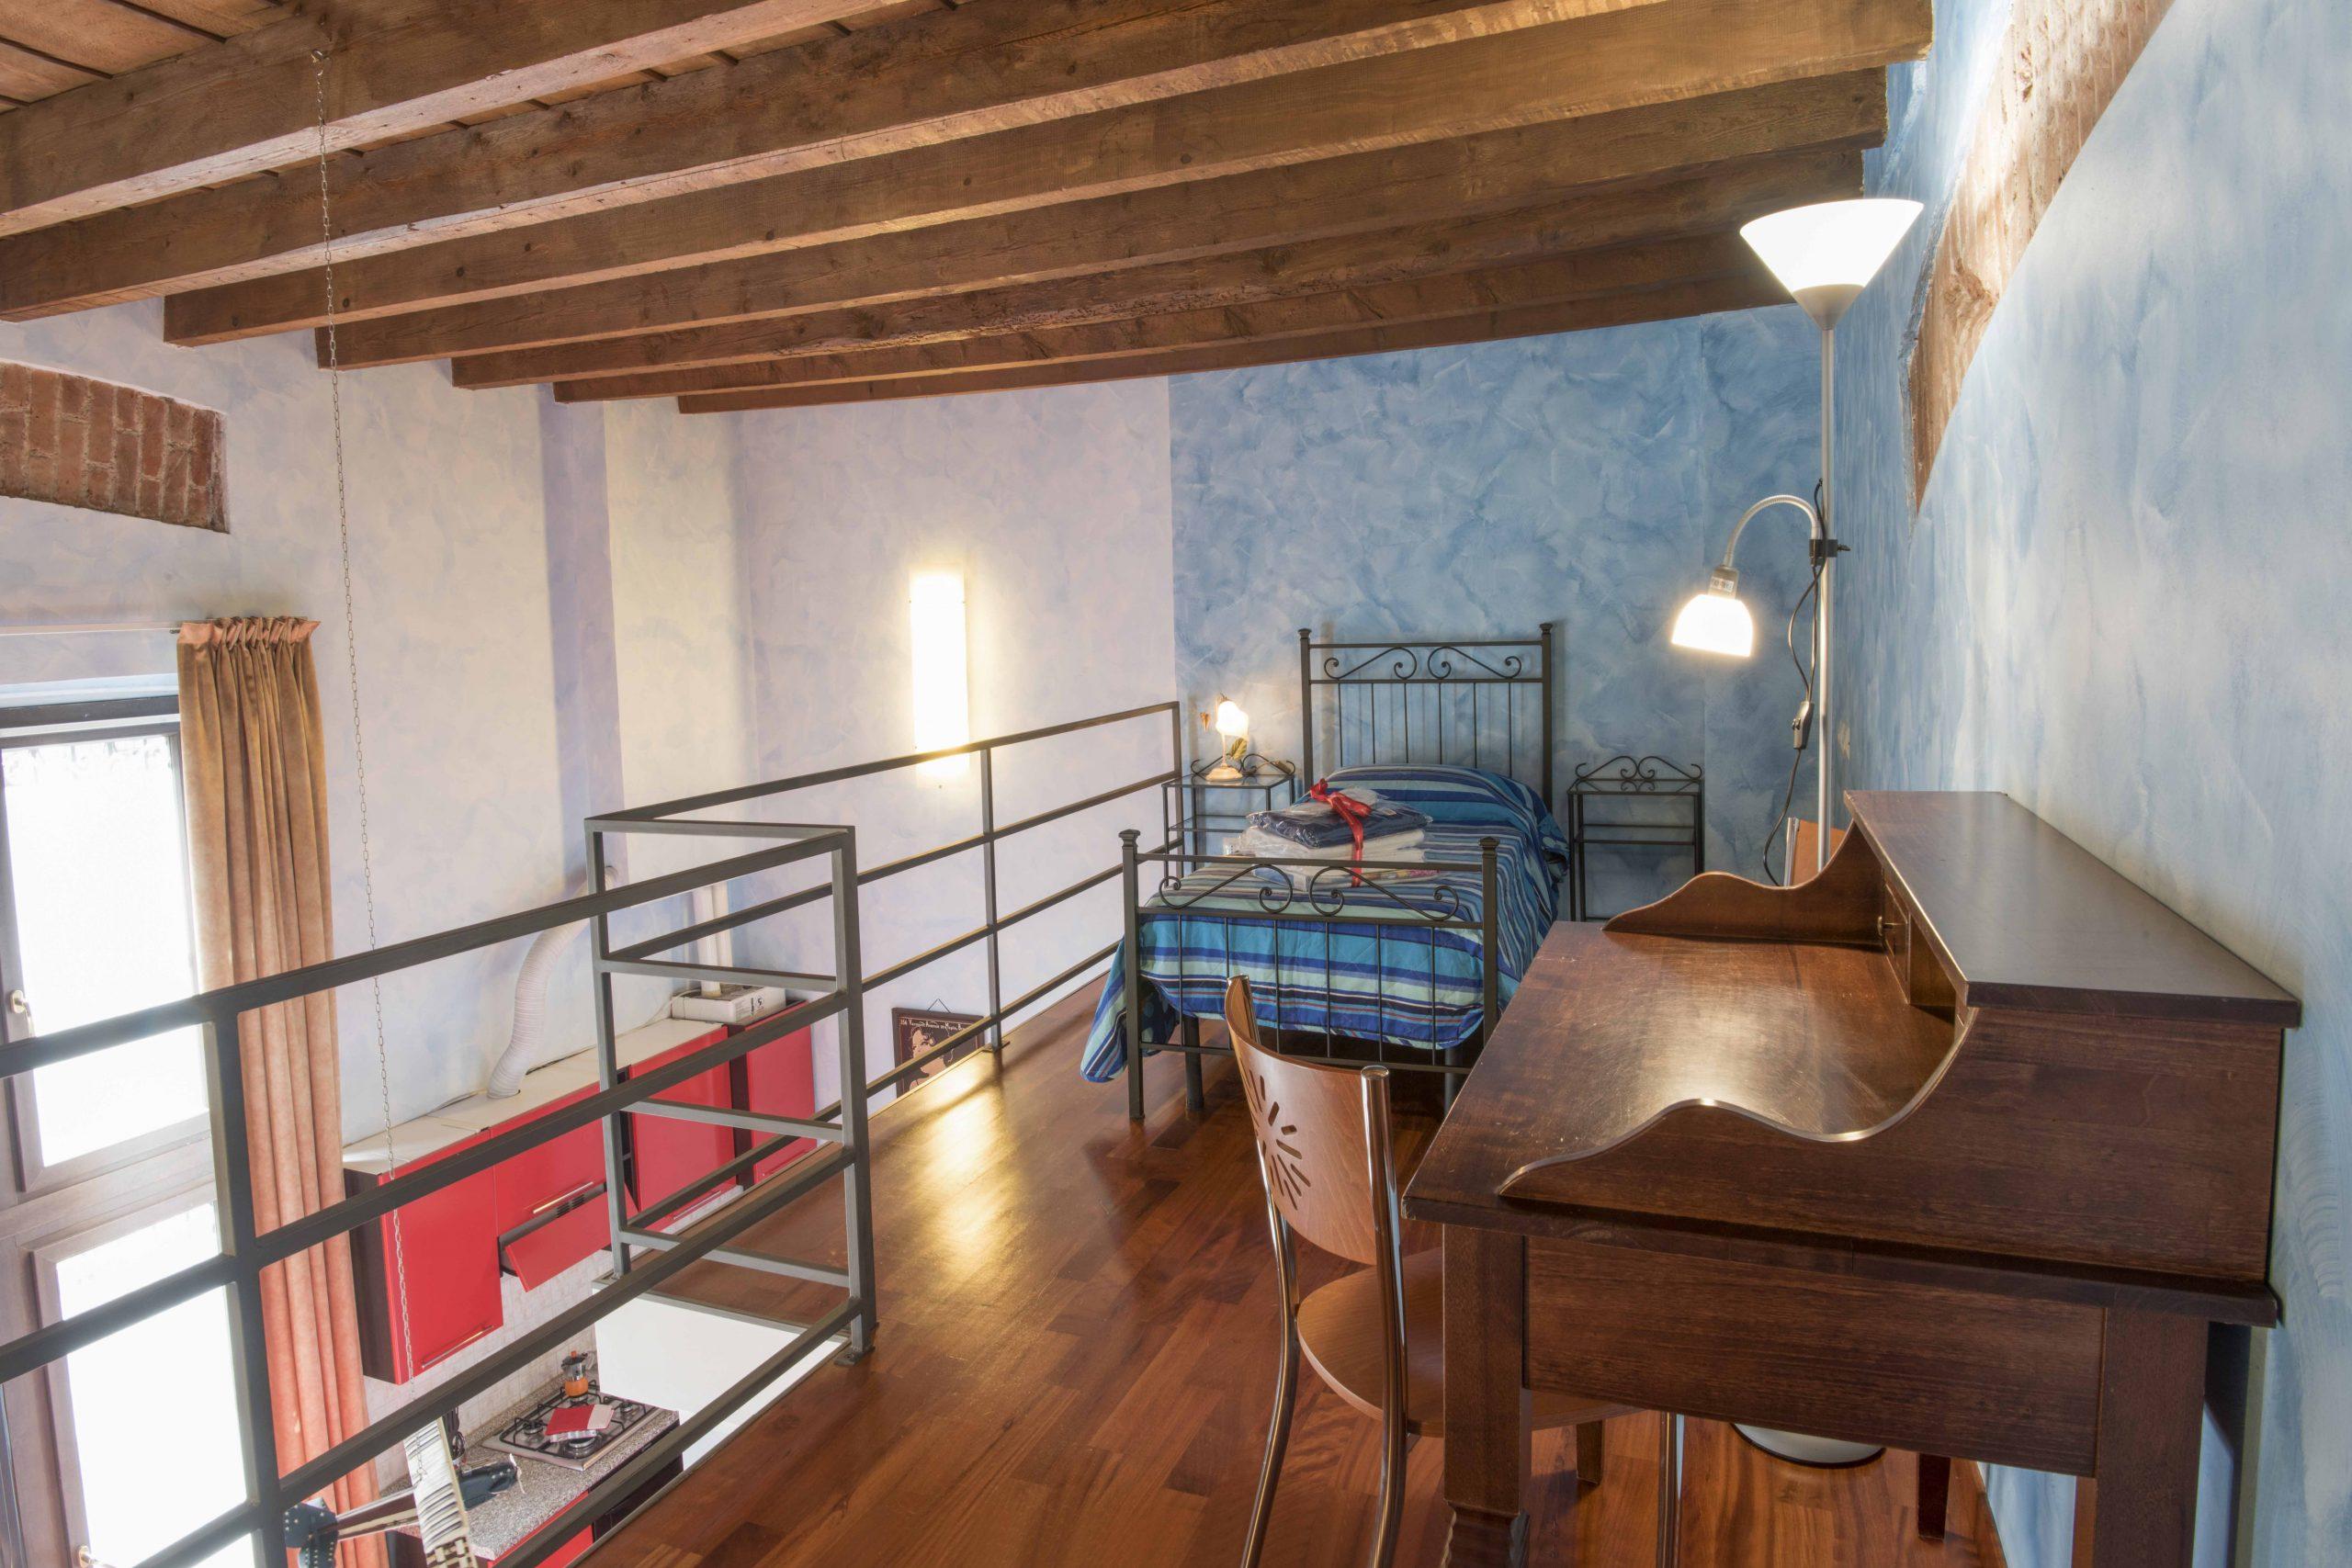 loft chiaralba appartamento sole zona letto